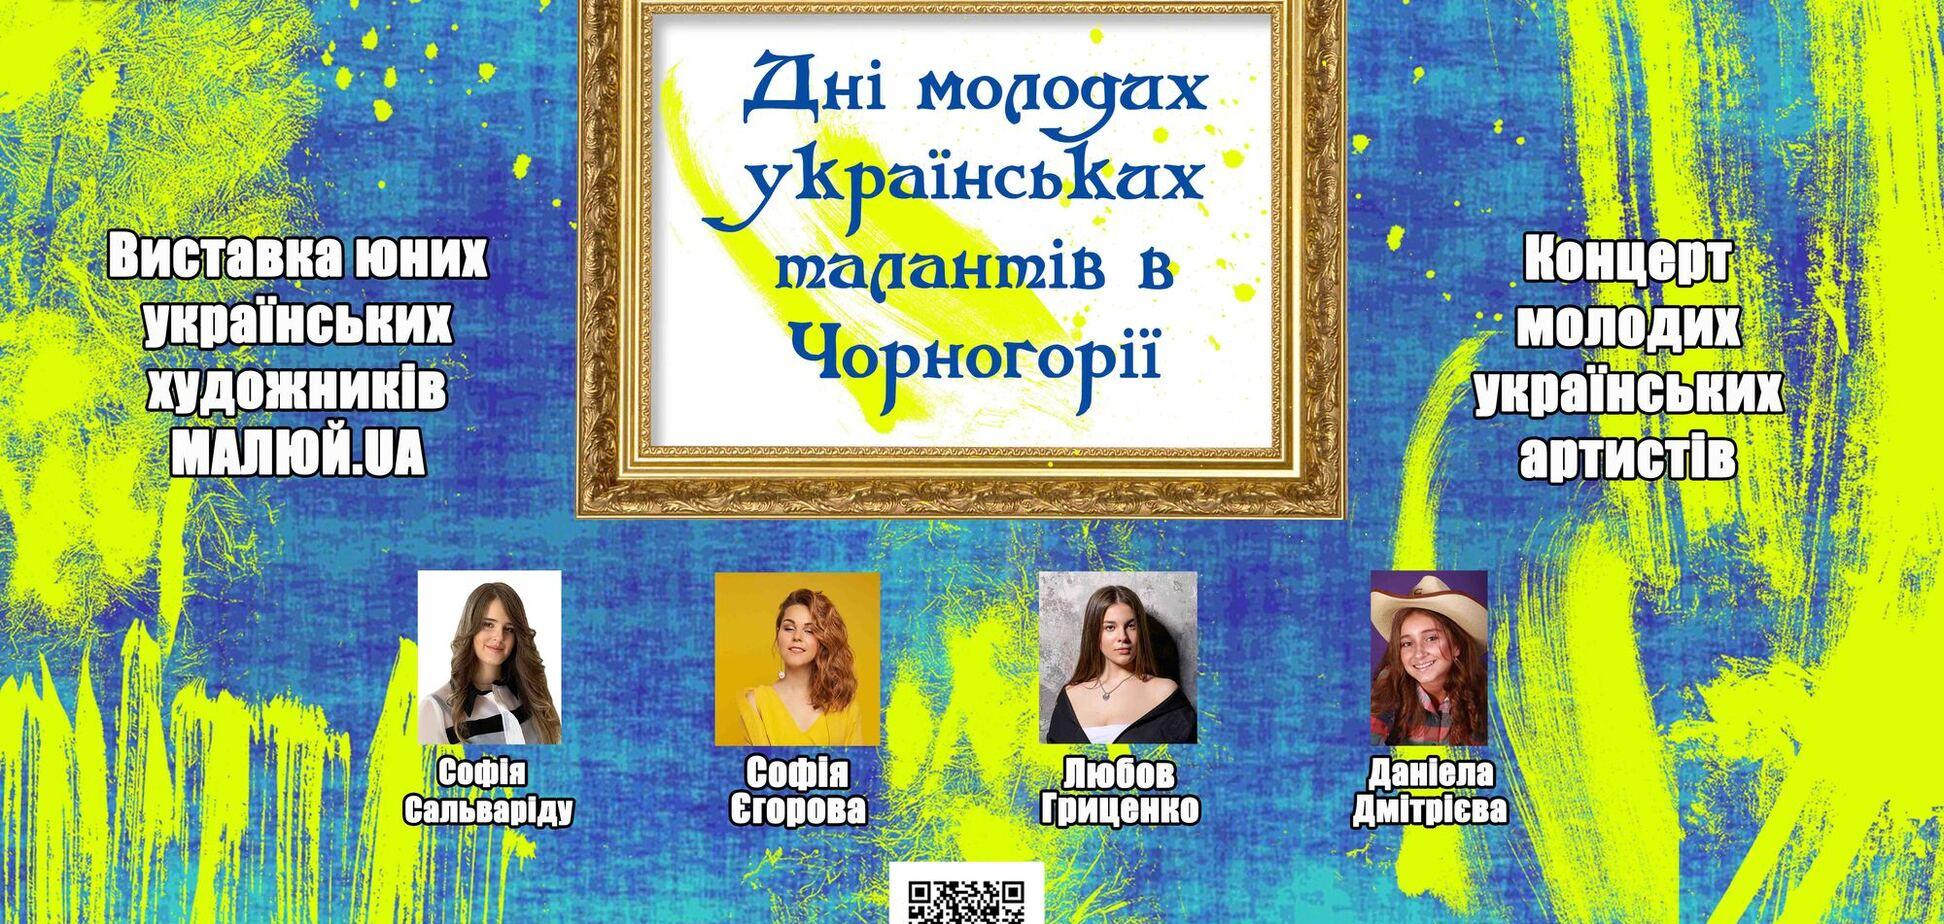 В ноябре в Черногории состоятся дни молодых украинских талантов